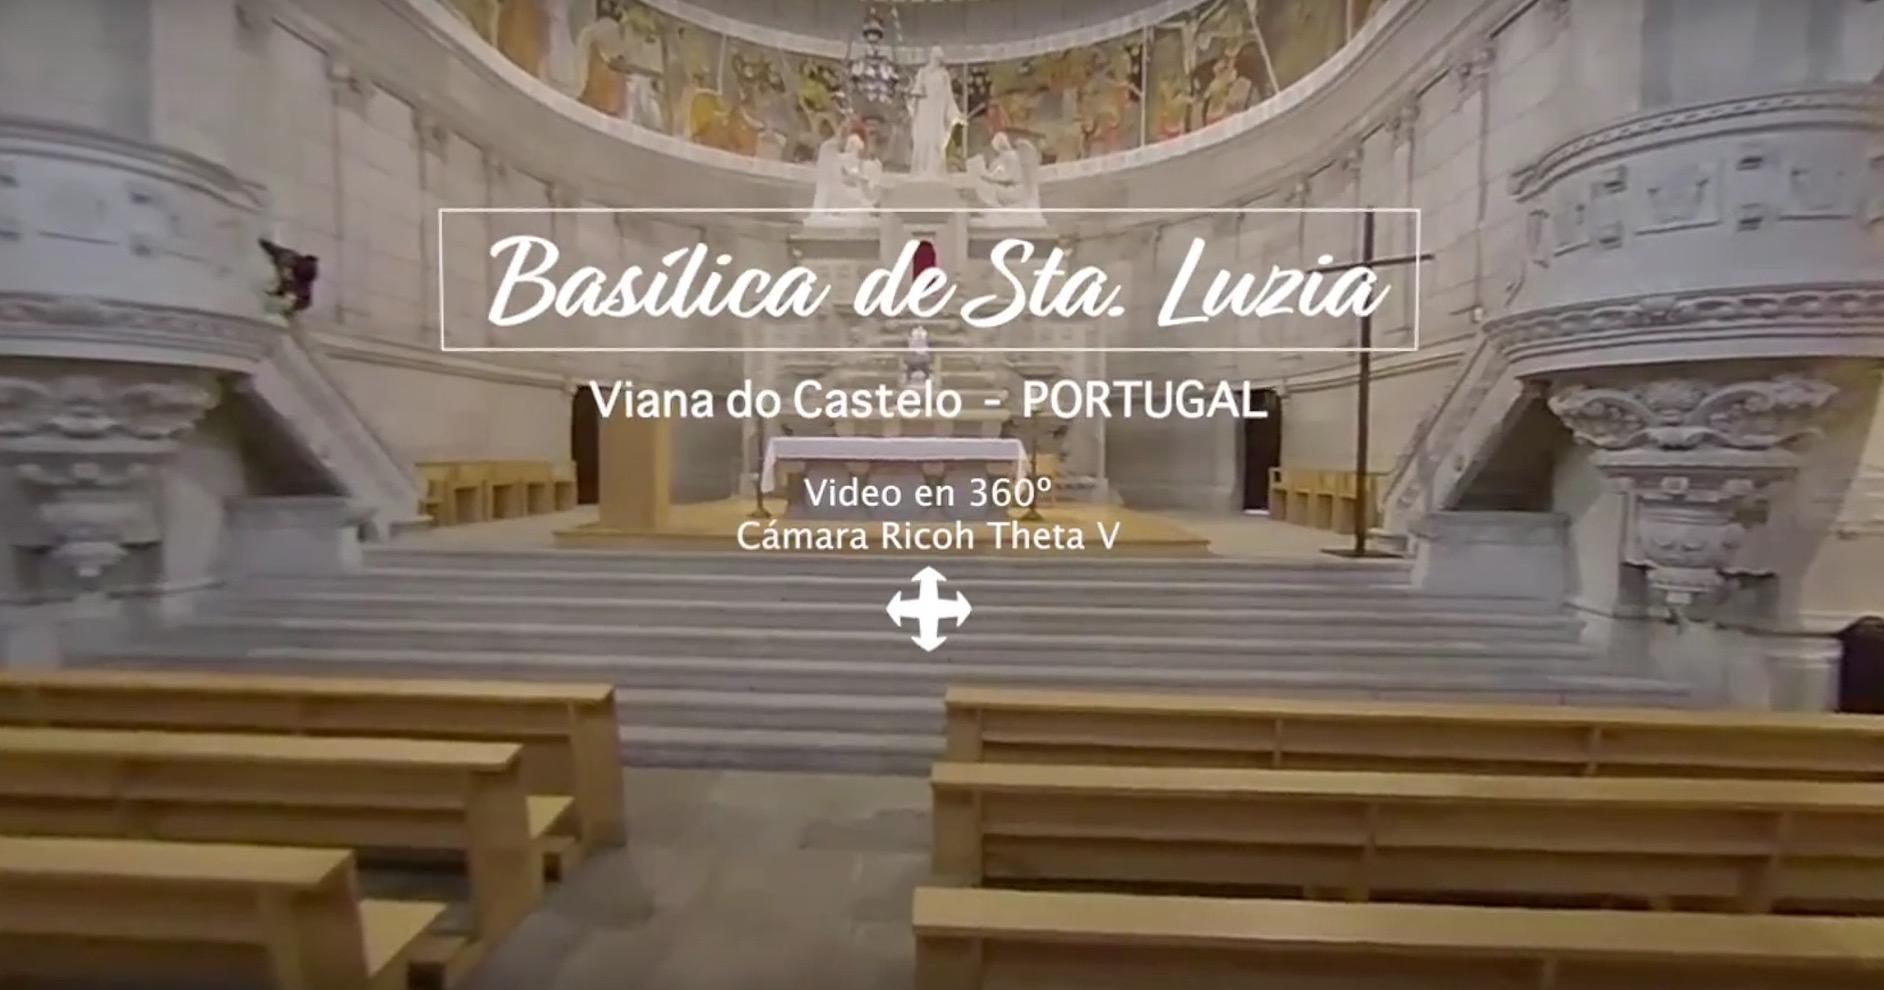 Entrada al vídeo de Santa Luzia